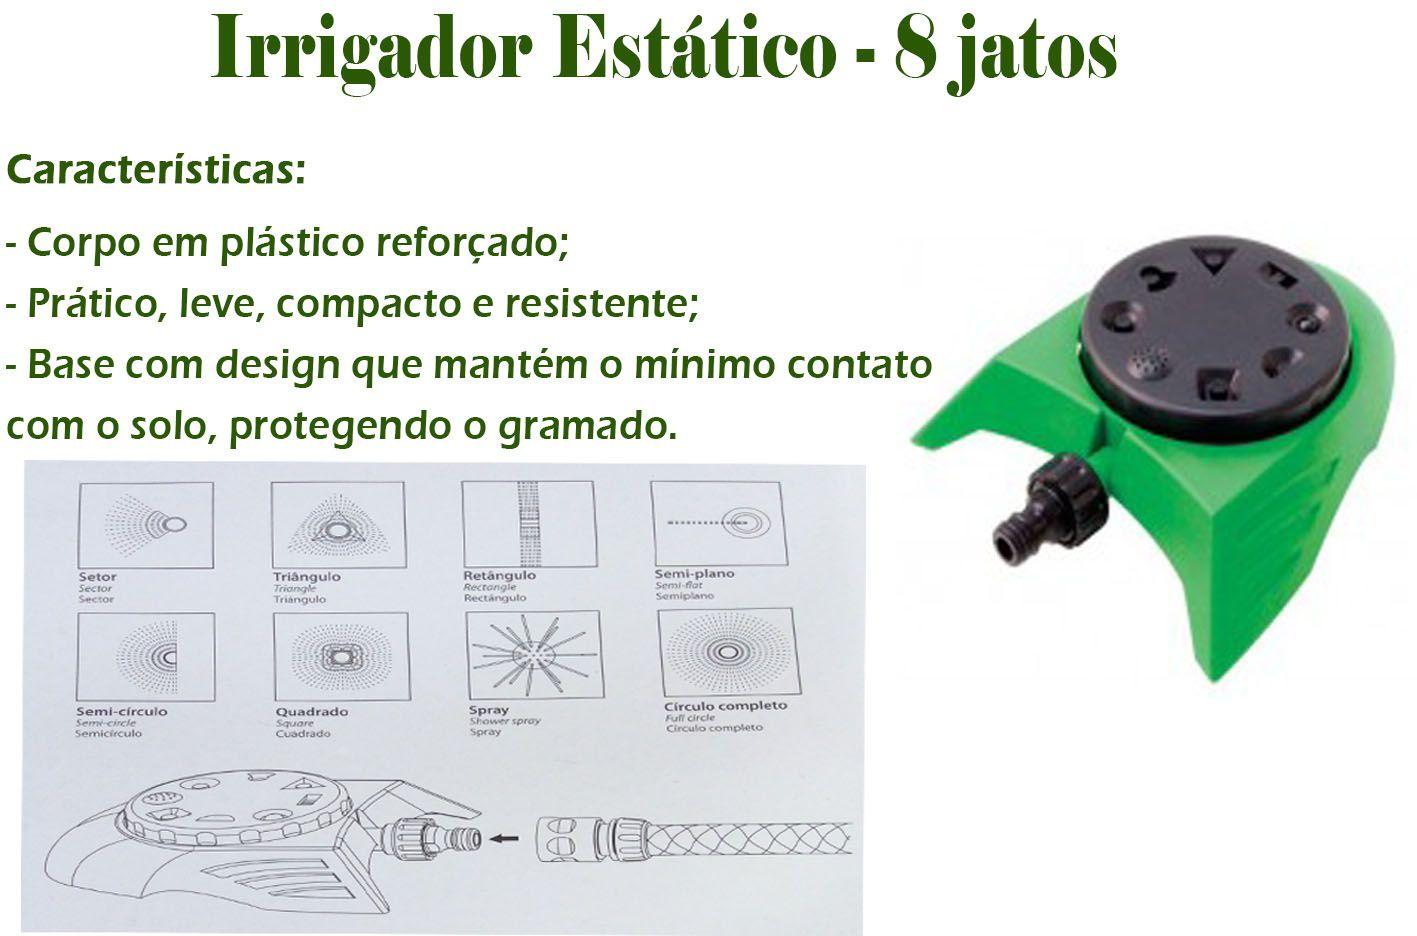 Irrigador Estático 8 jatos DY-6011- Trapp